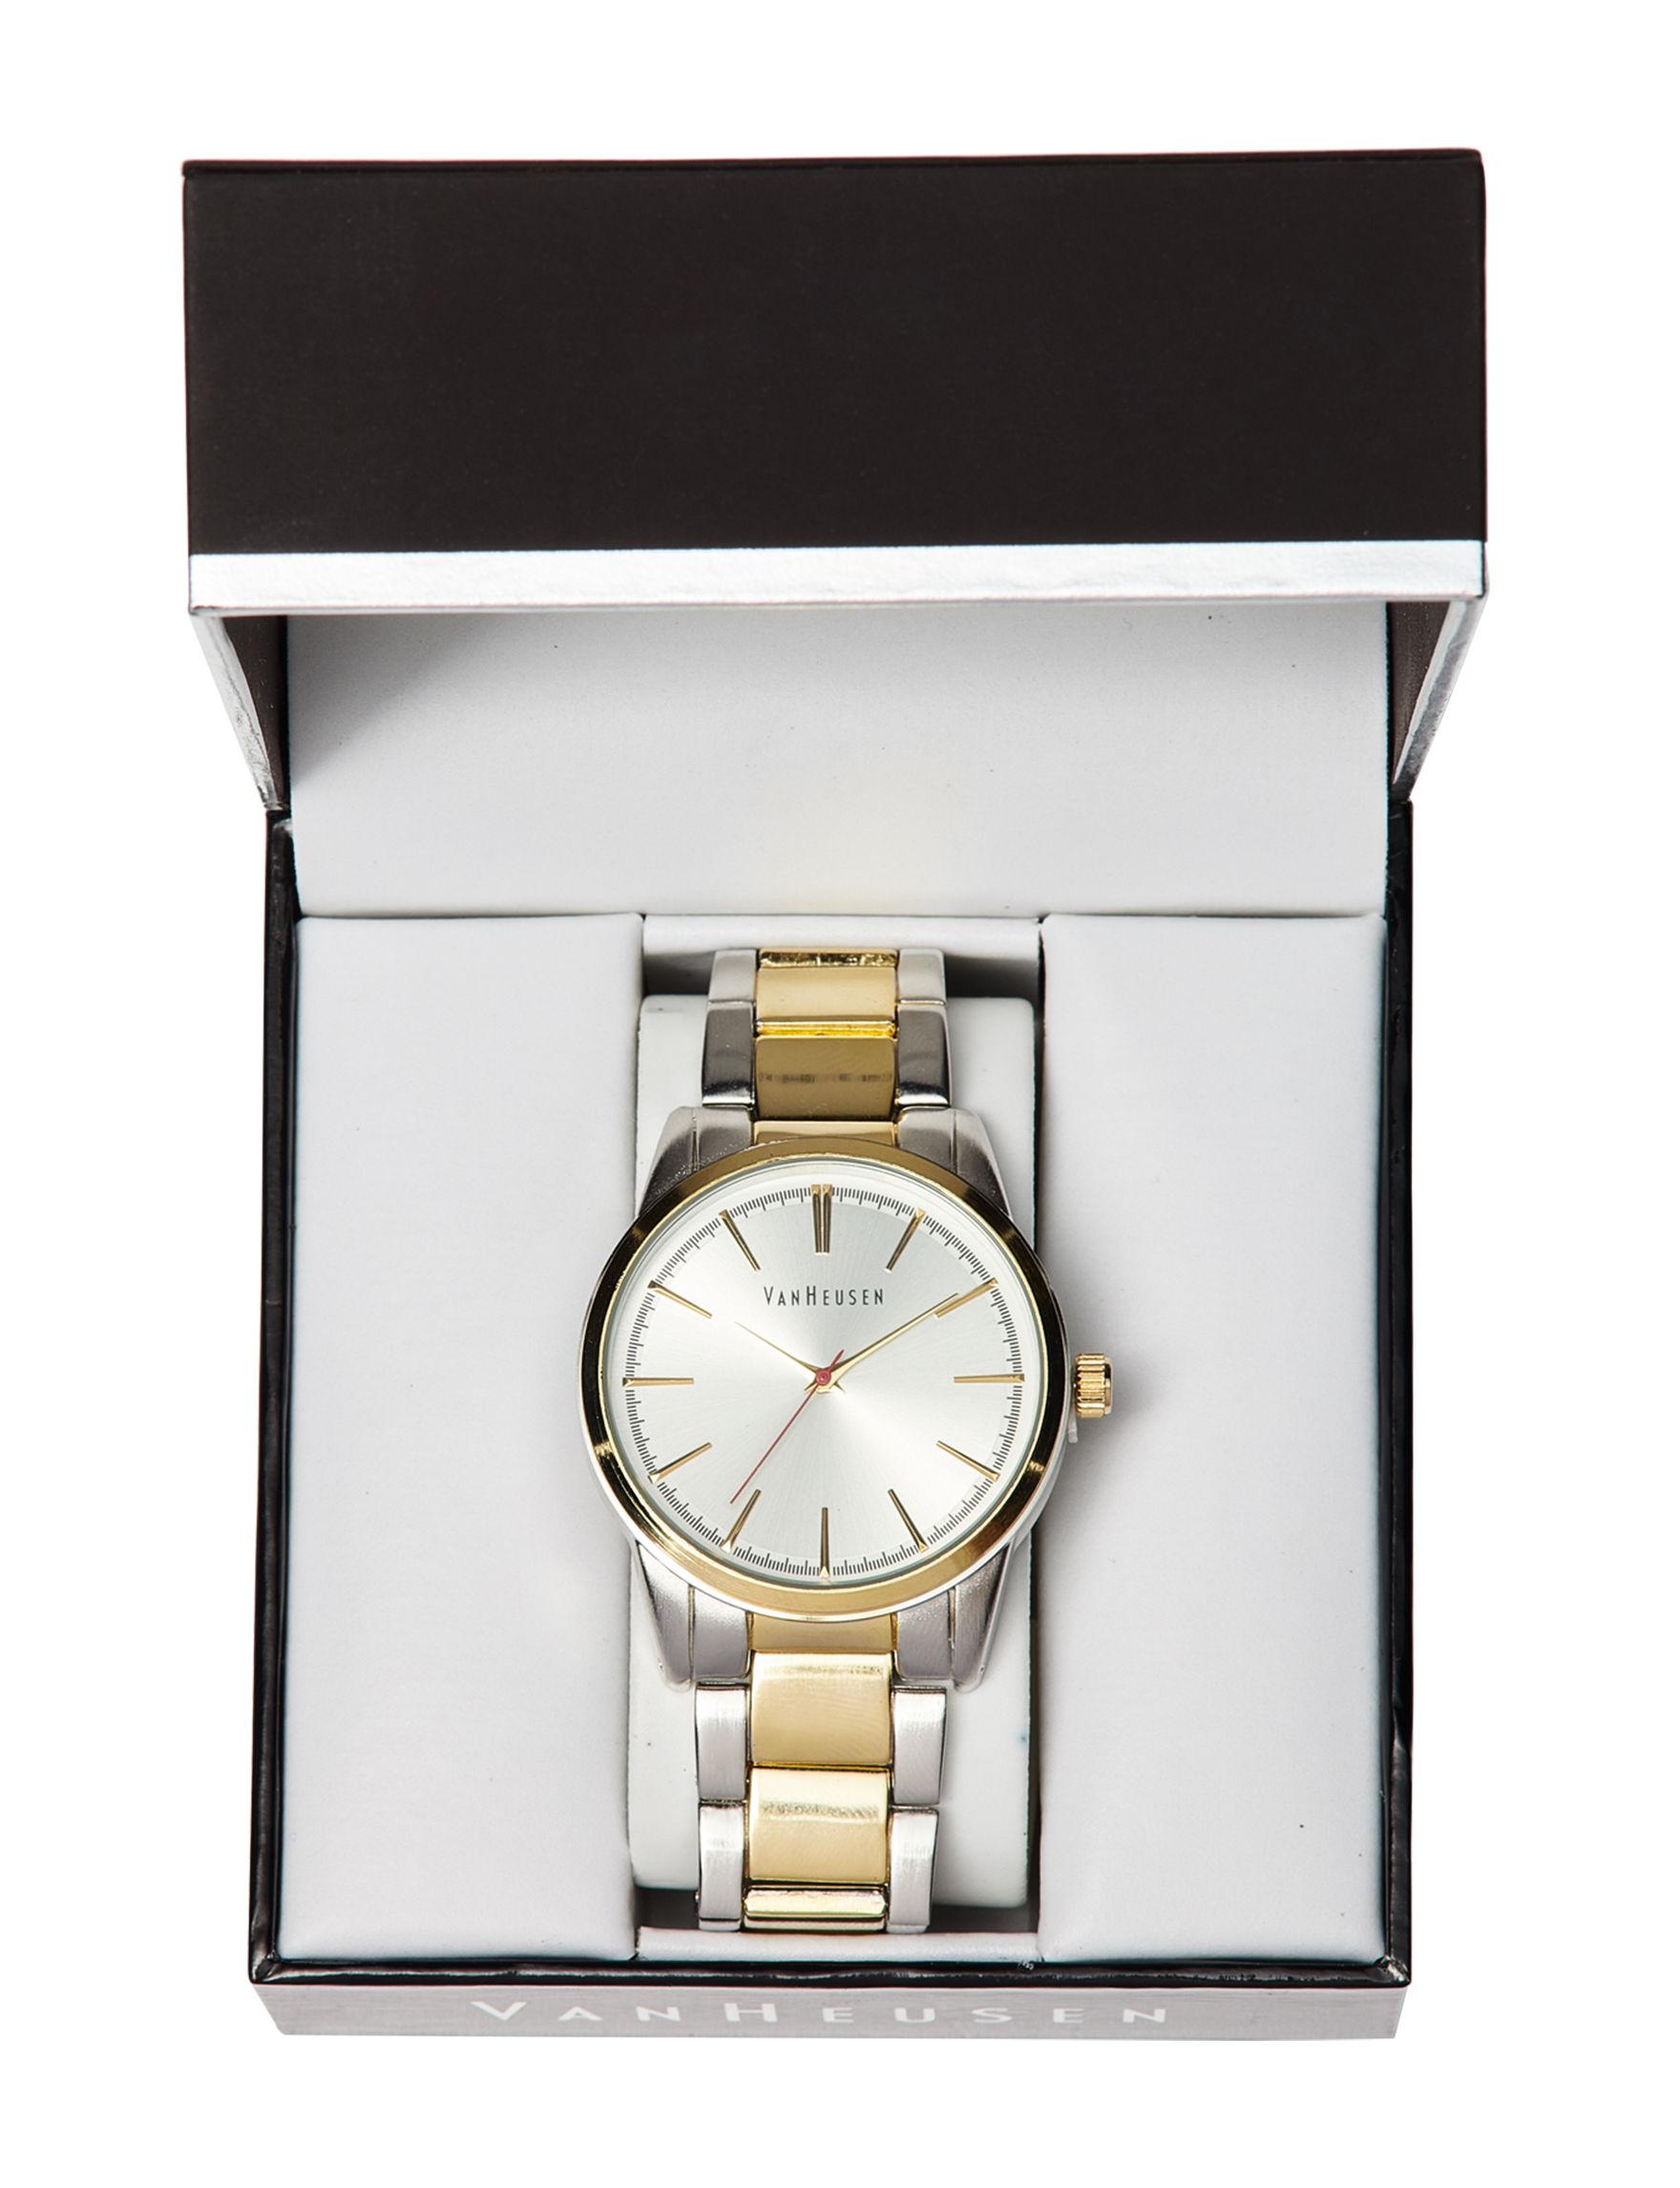 Van Heusen Two Tone Fashion Watches